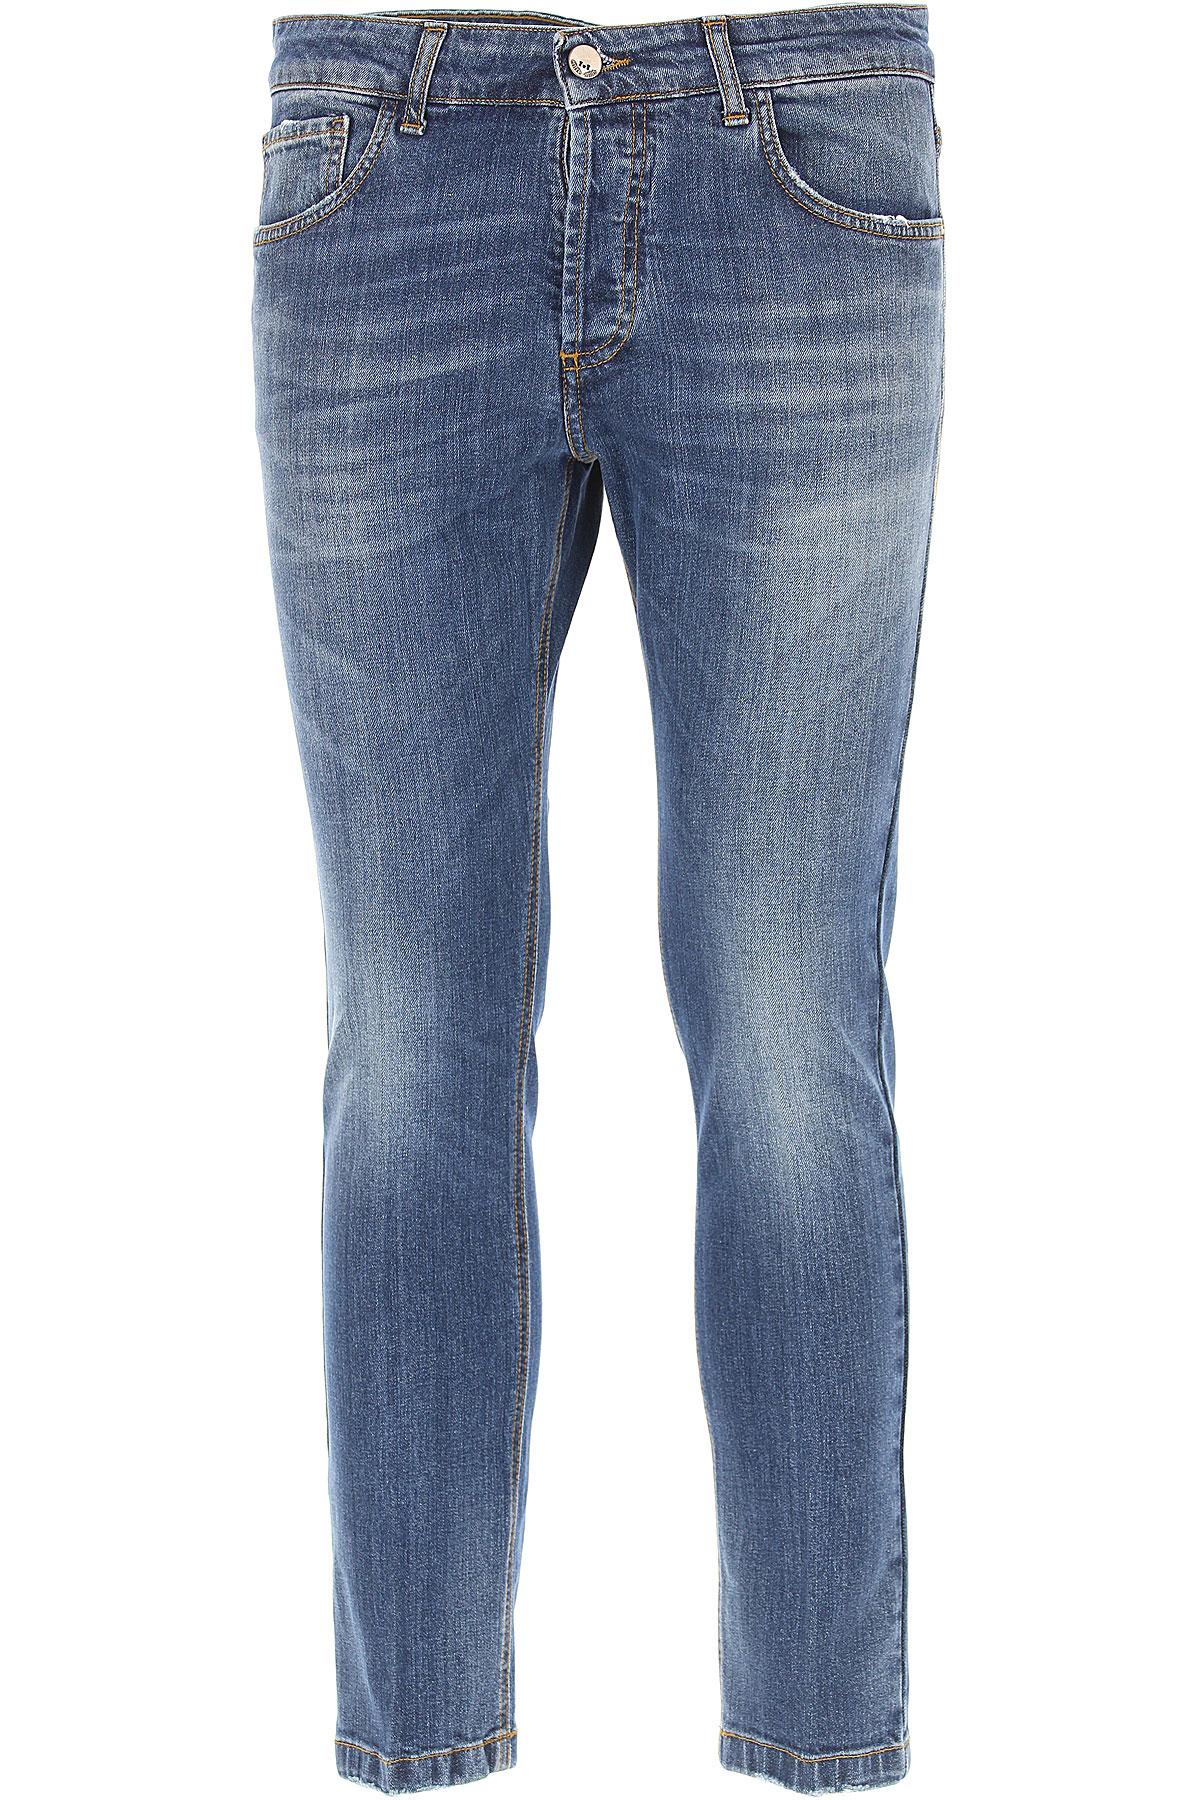 Image of Entre Amis Jeans, Denim, Cotton, 2017, 30 31 32 33 34 35 36 38